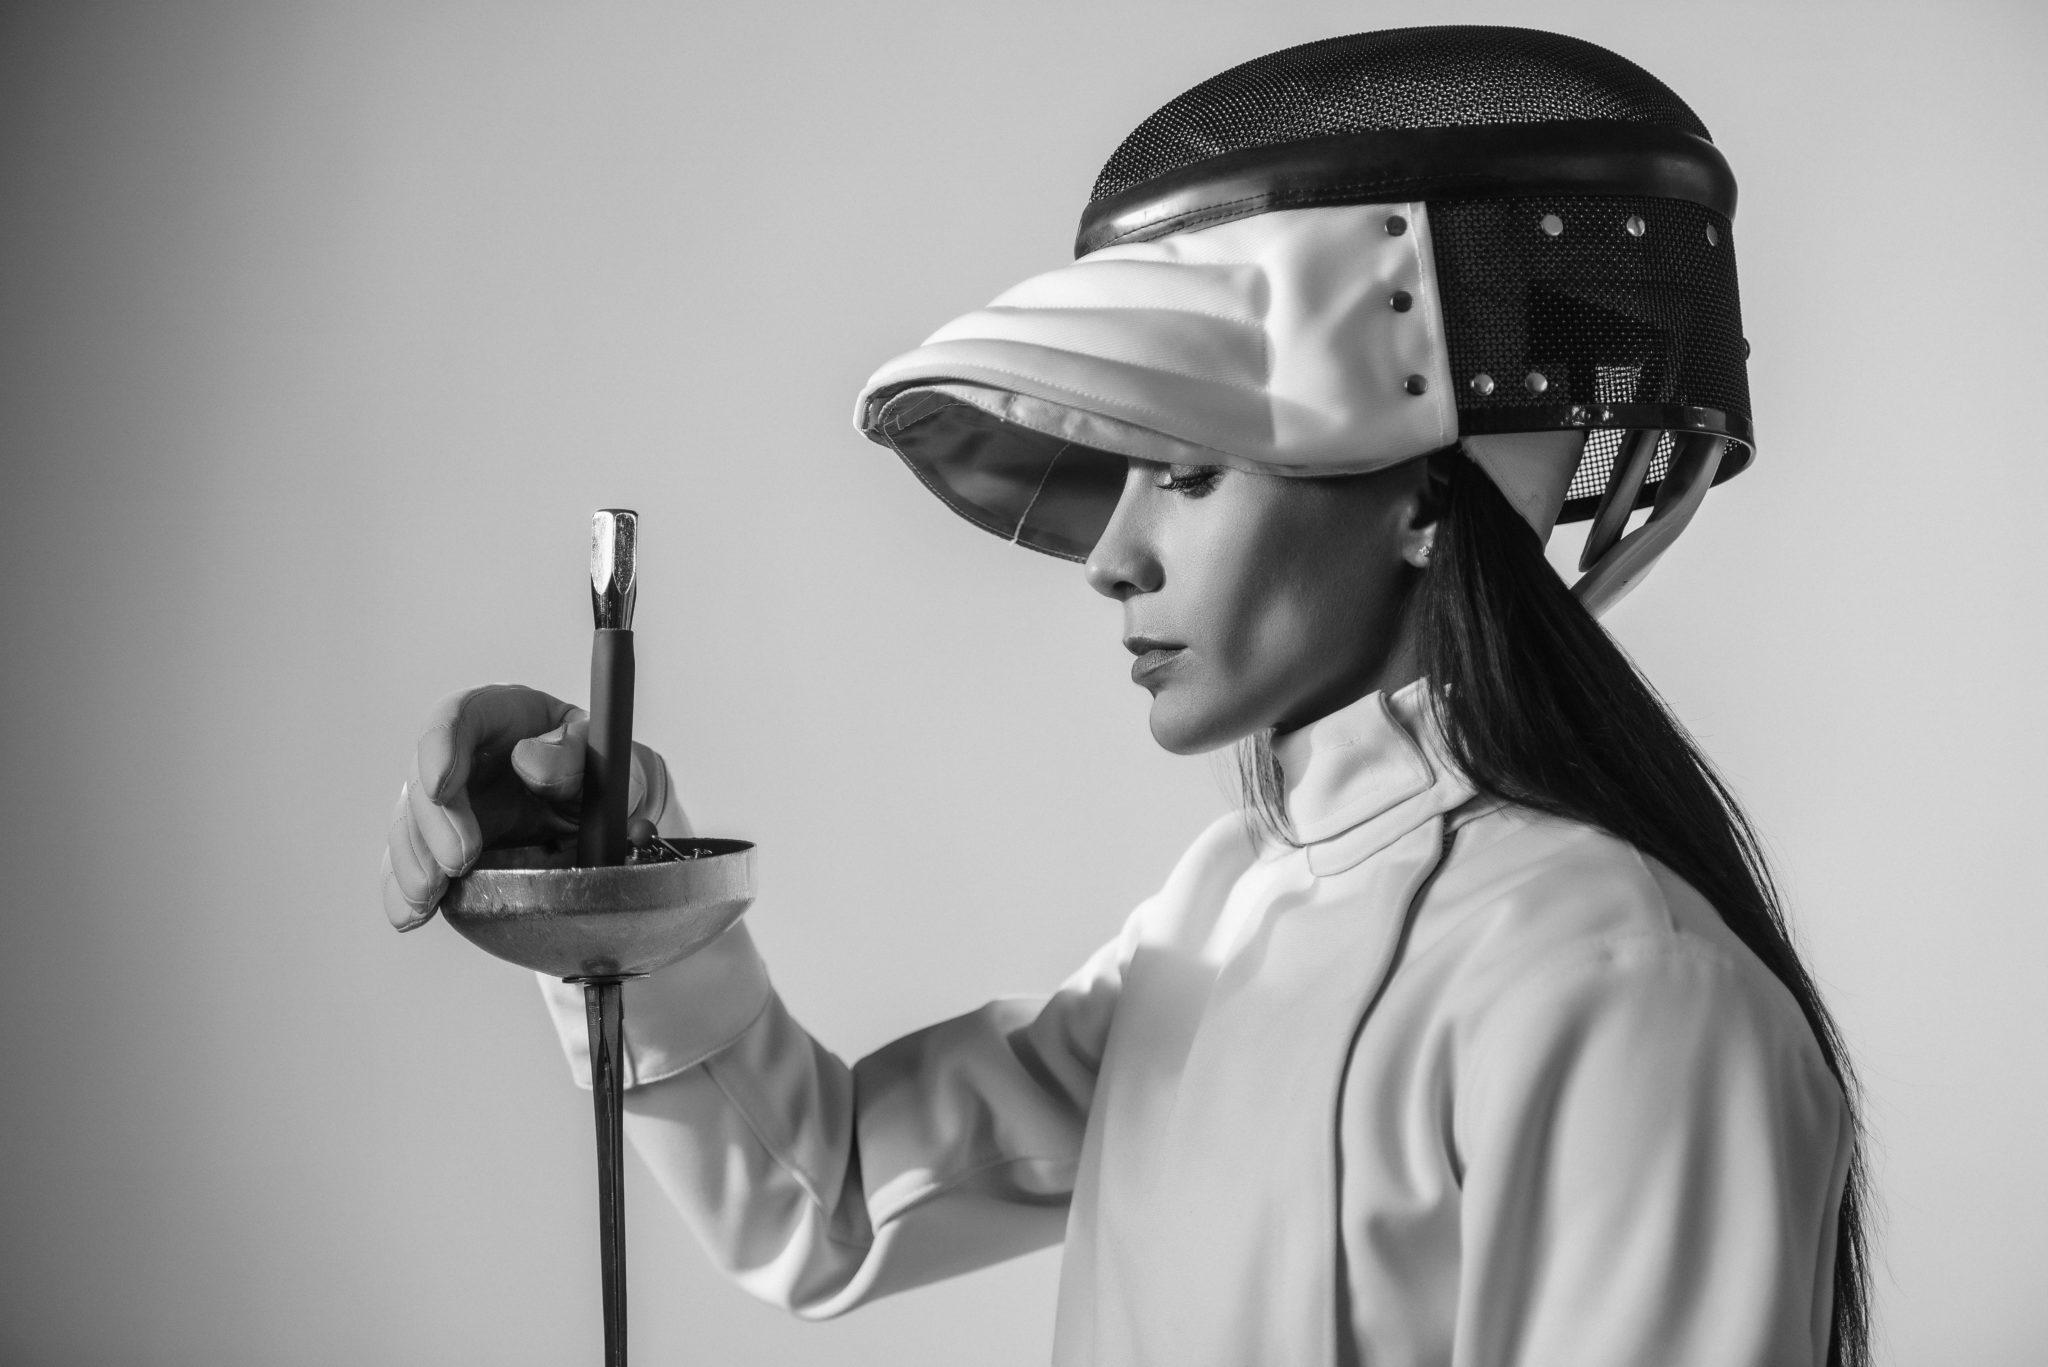 Рекламная съемка для Элина Исаева. Ph Постникова, md Элина Исаева. Девушка в белом фехтовальном костюме, с маской и саблей, на белом фоне, чб